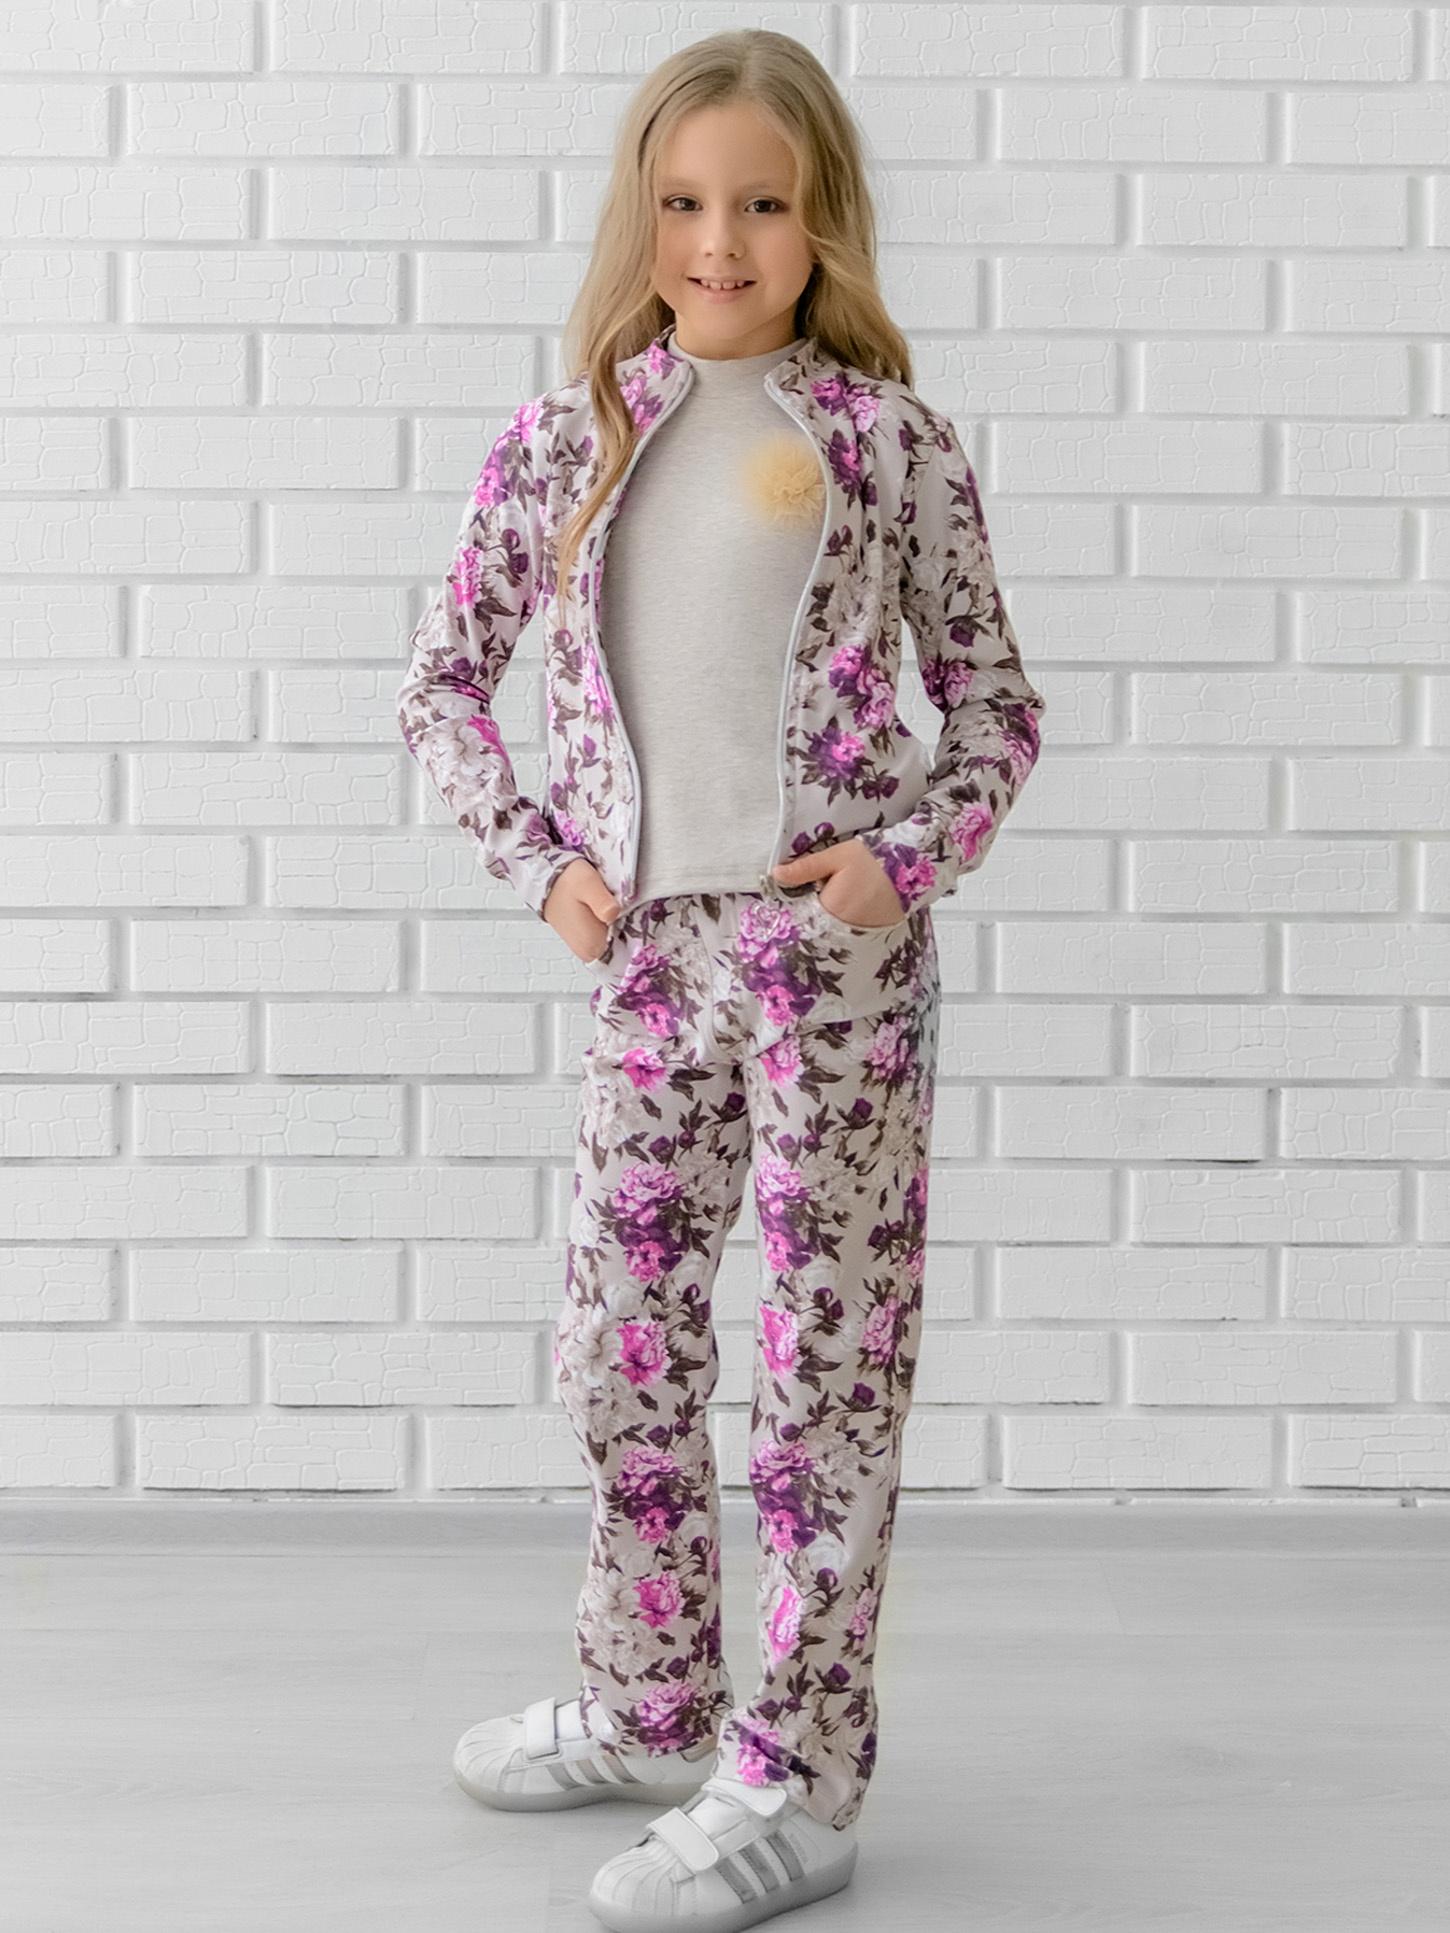 Брюки looklie брюки джинсы и штанишки s'cool брюки для девочки hip hop 174059